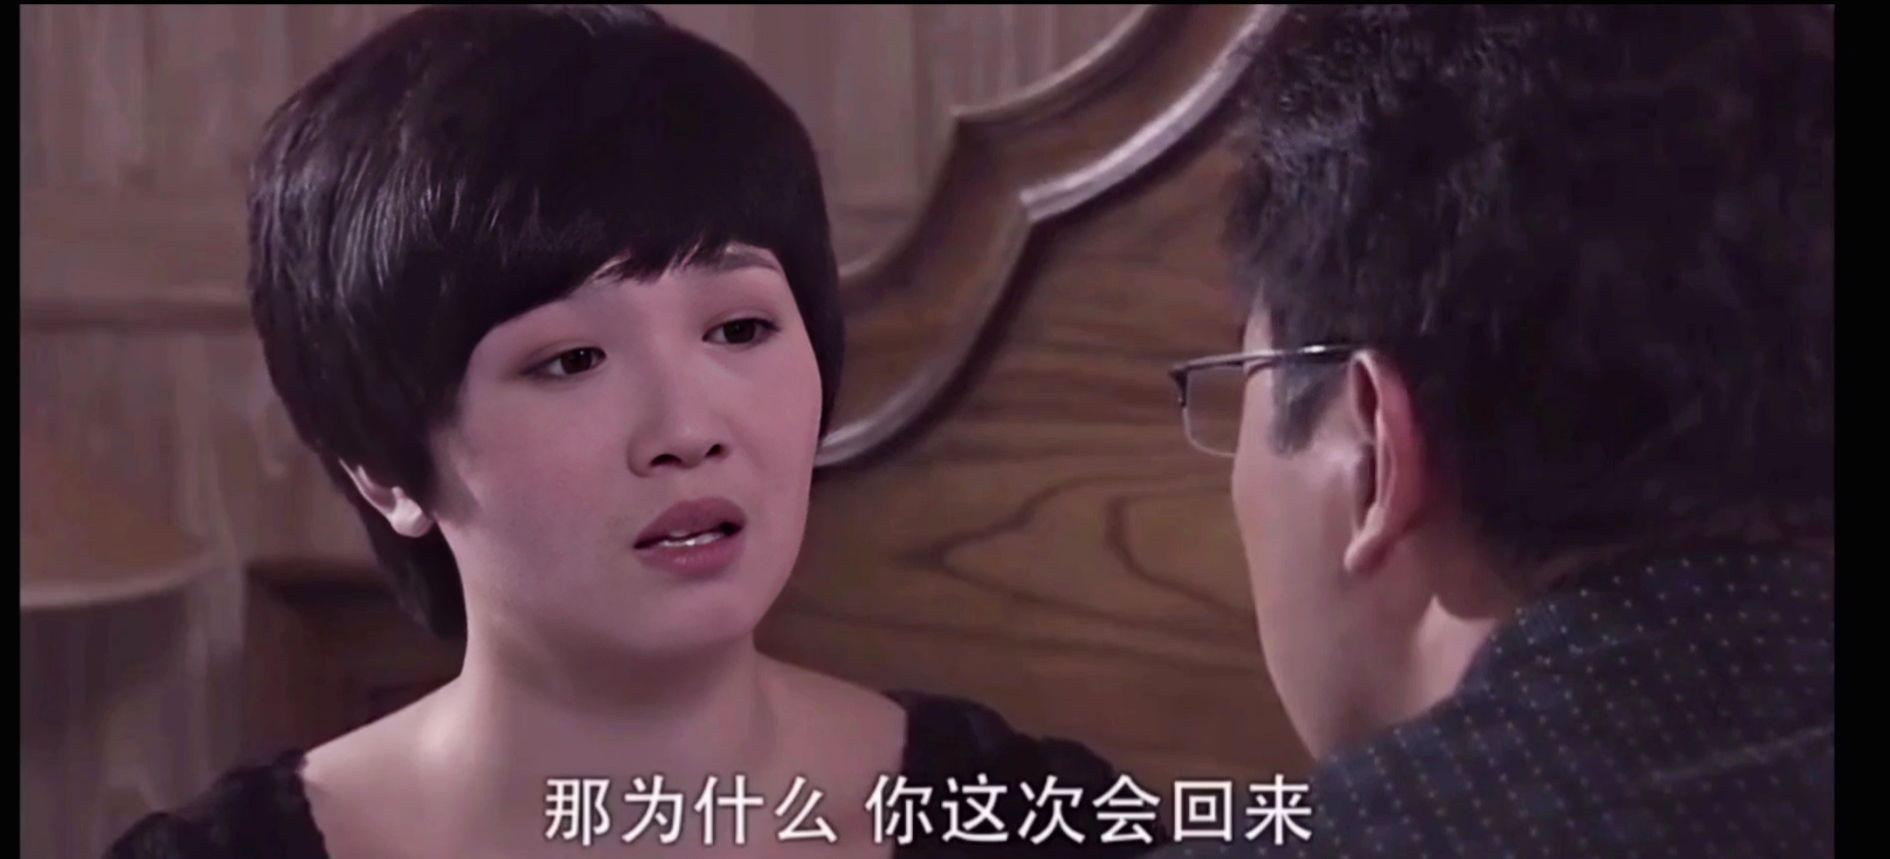 陈小纭,整容前:恶毒女配。整容后:迪士尼在逃公主